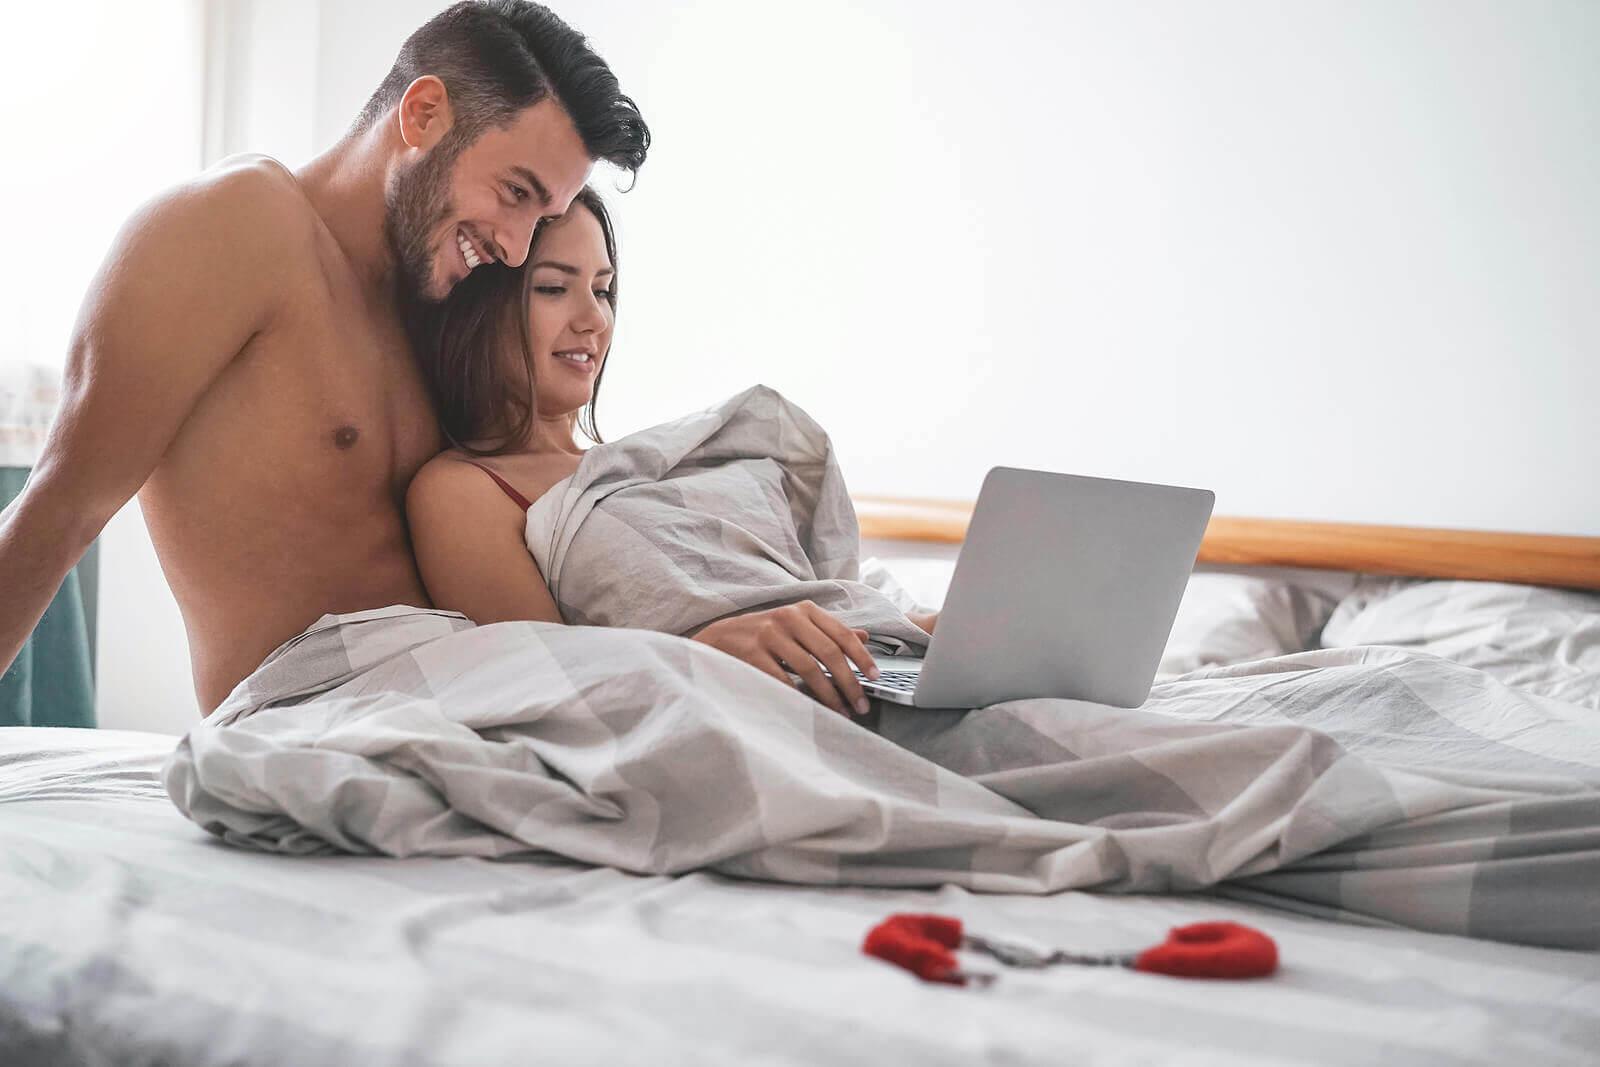 Conheça as 18 fantasias sexuais mais comuns